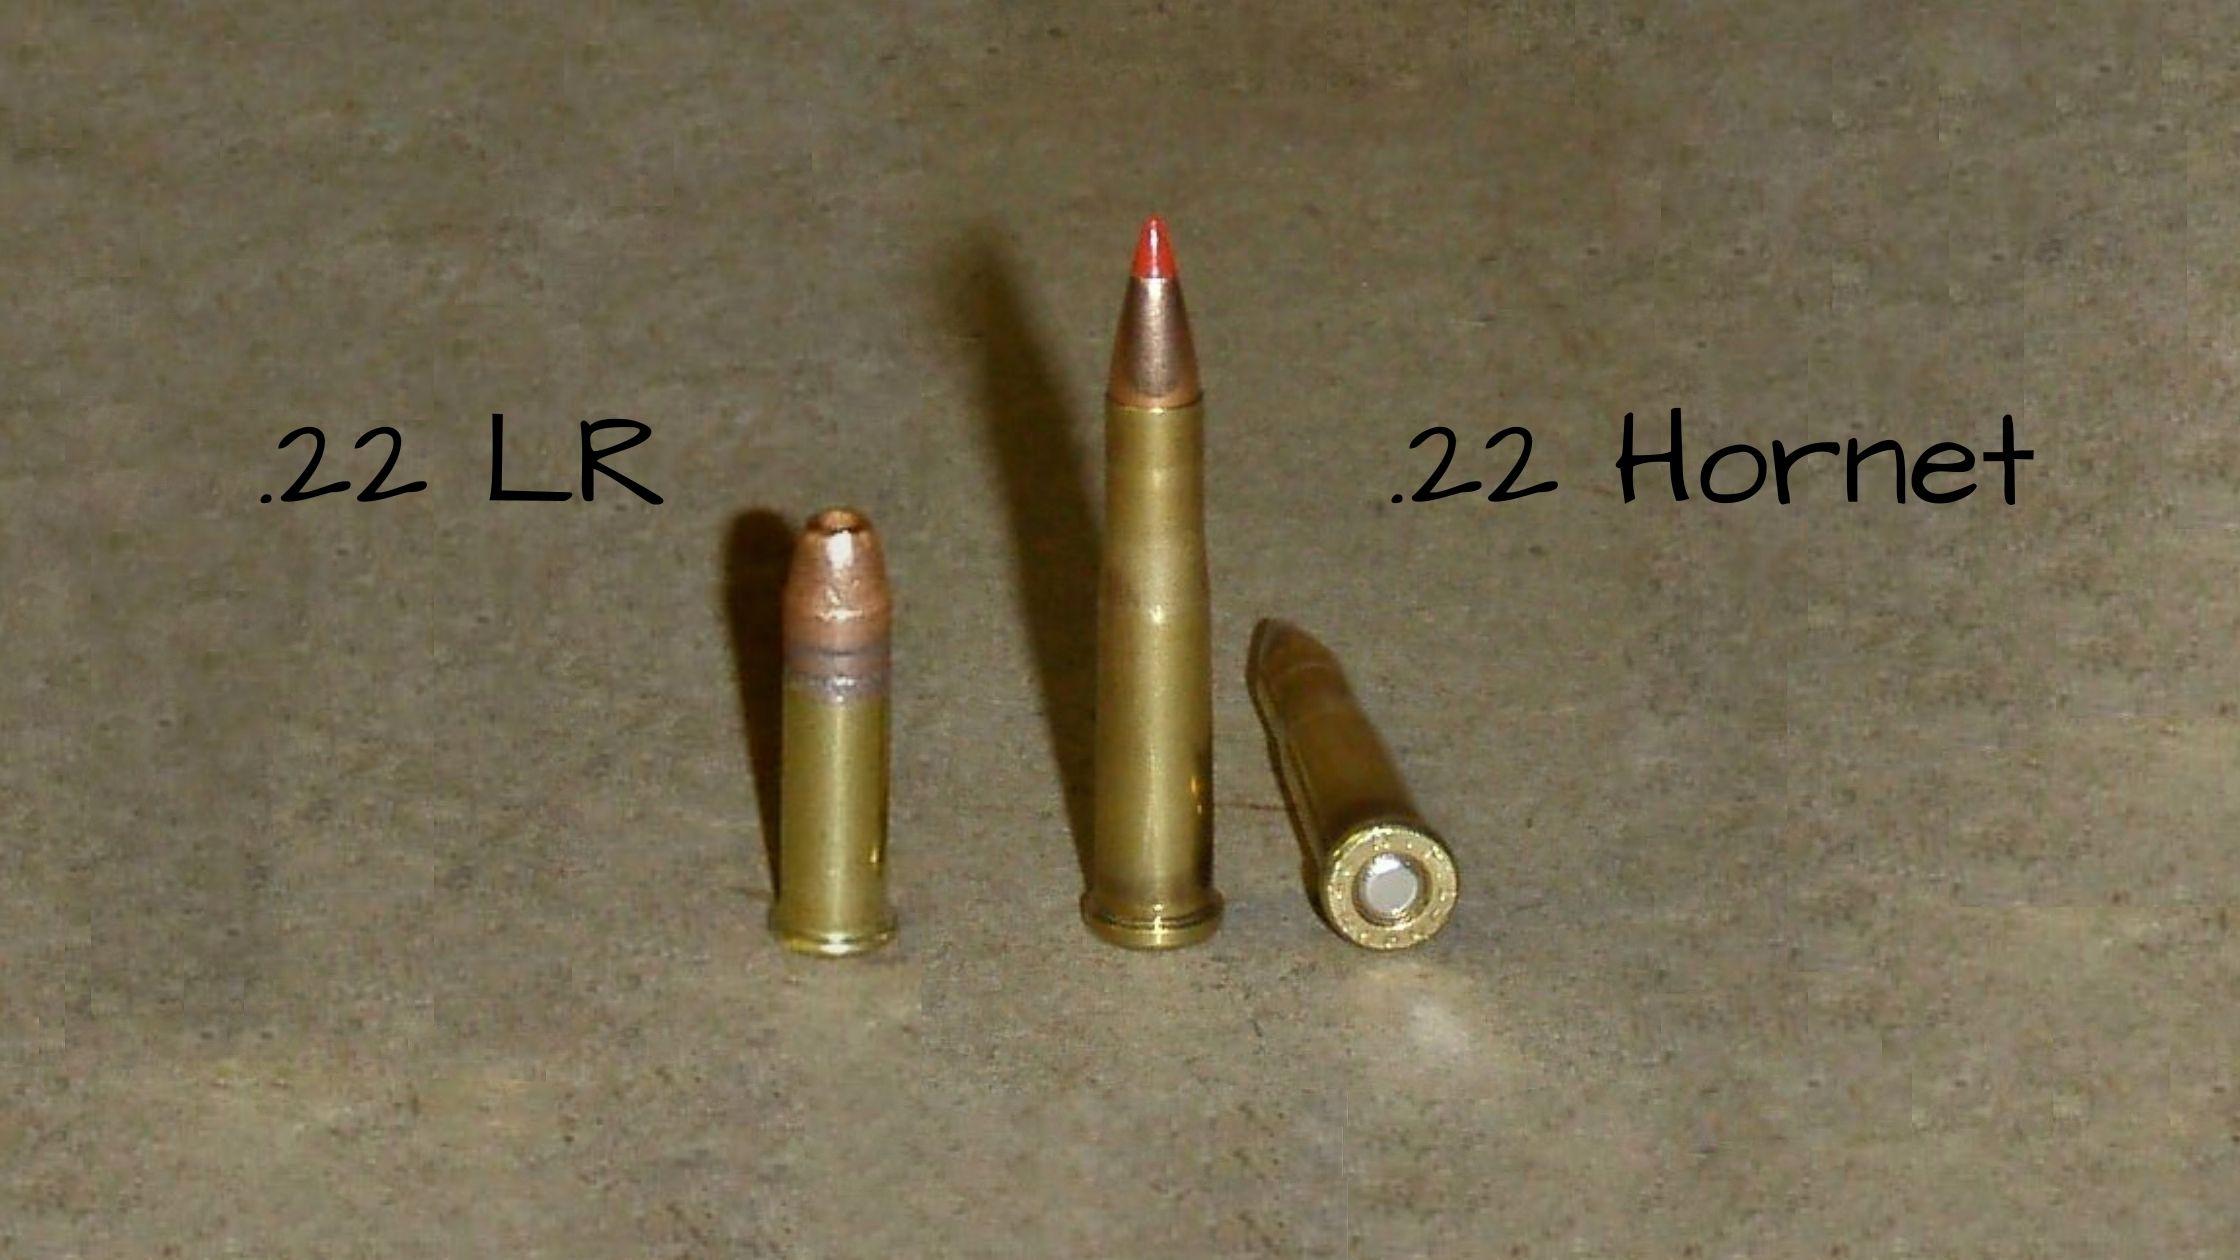 22 Hornet vs 22 LR